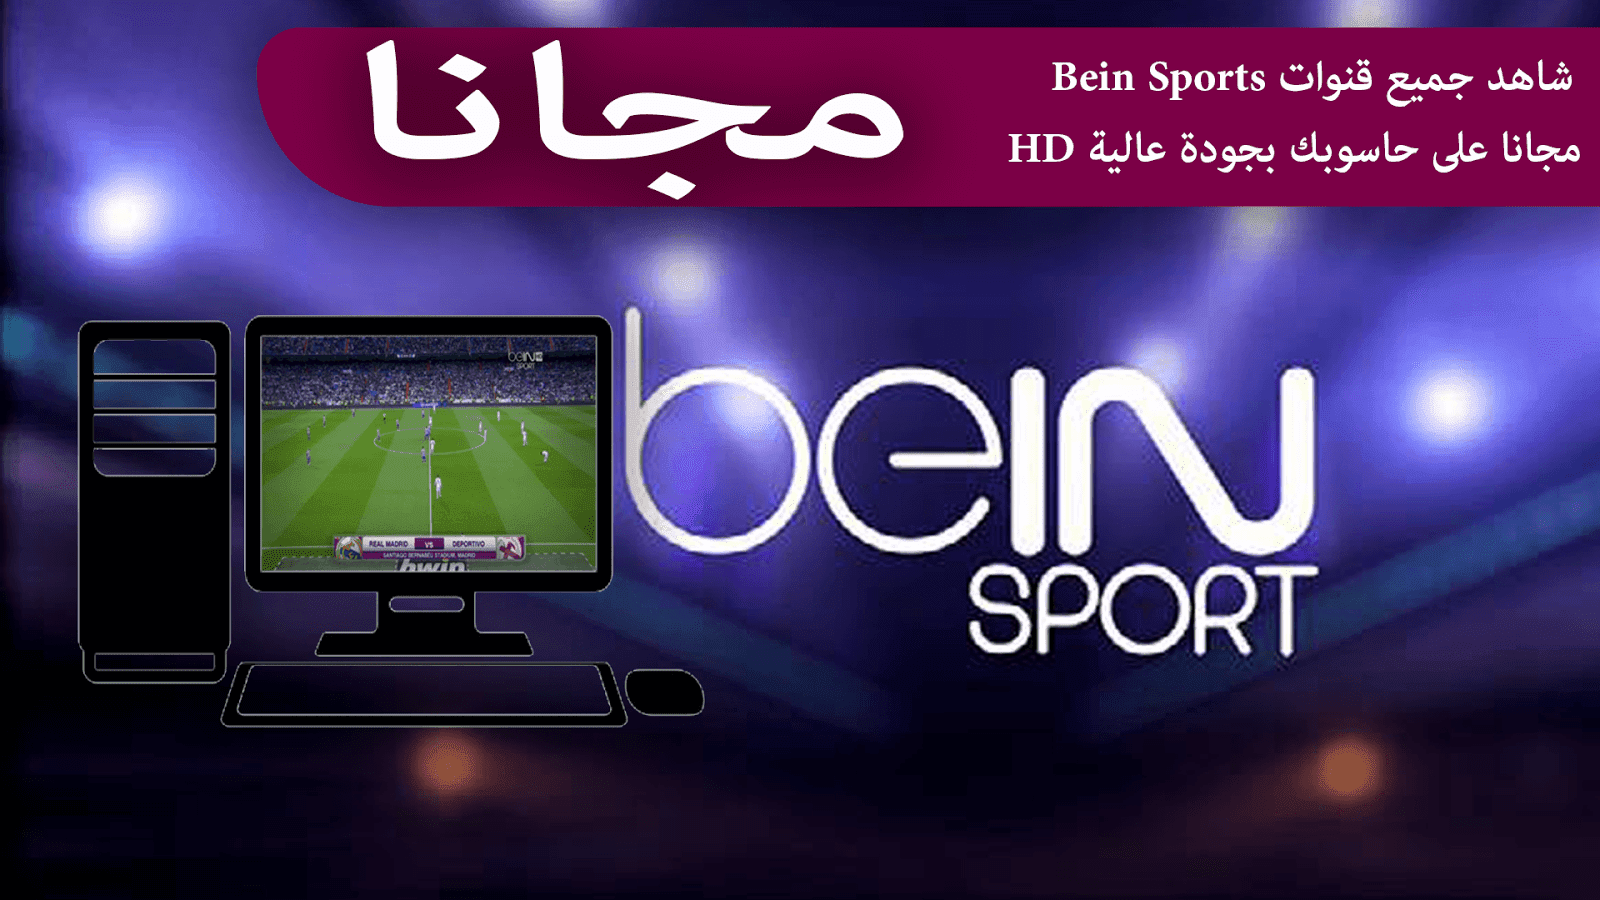 تحميل برنامج Hein مع كود التفعيل لمشاهدة كل قنوات Bein sports بدون تقطيع 2018